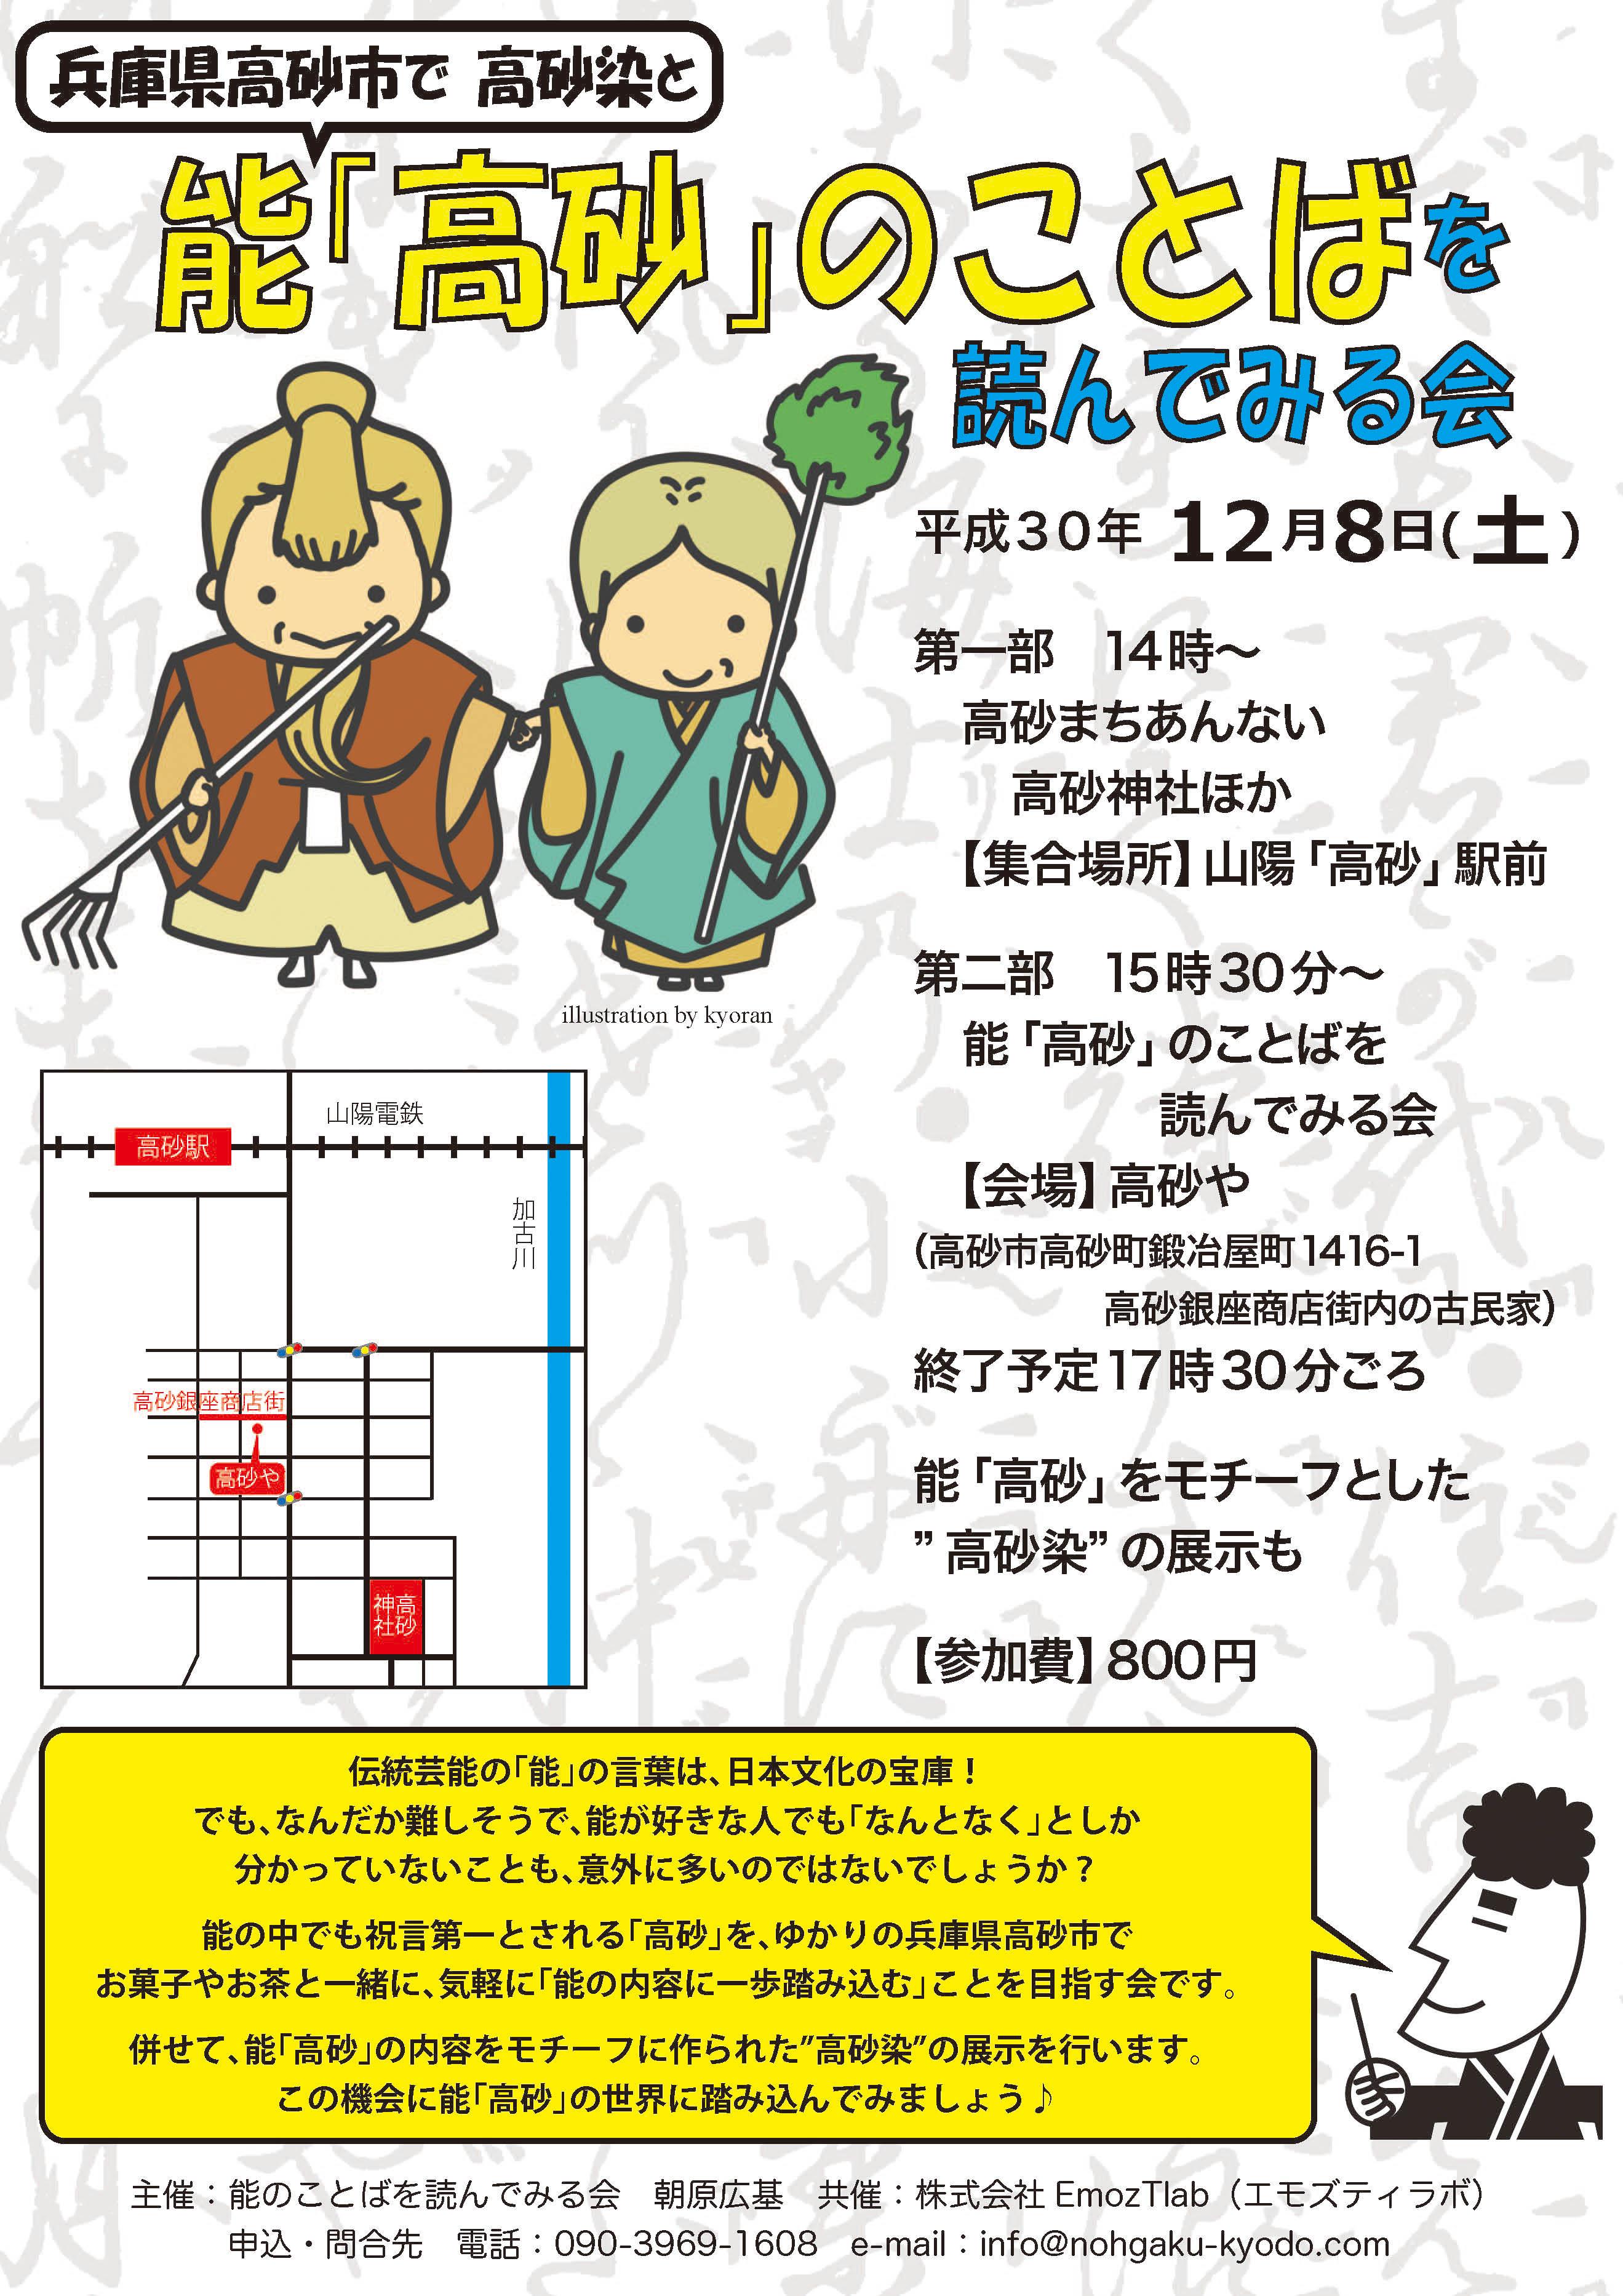 兵庫県高砂市で高砂染と 能《高砂》のことばを読んでみる会